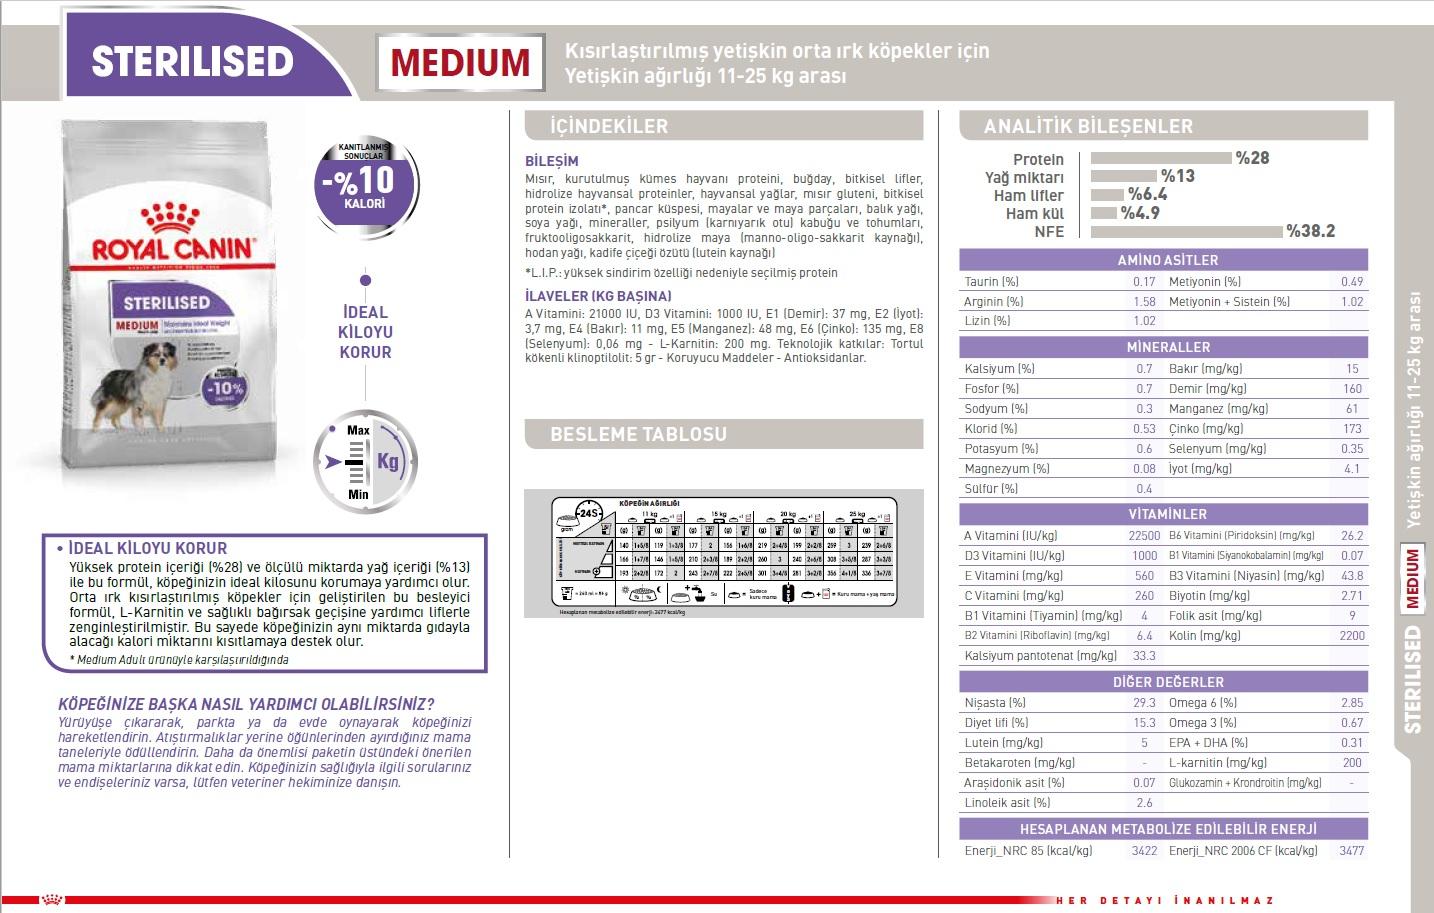 mediumsterilised.jpg (399 KB)